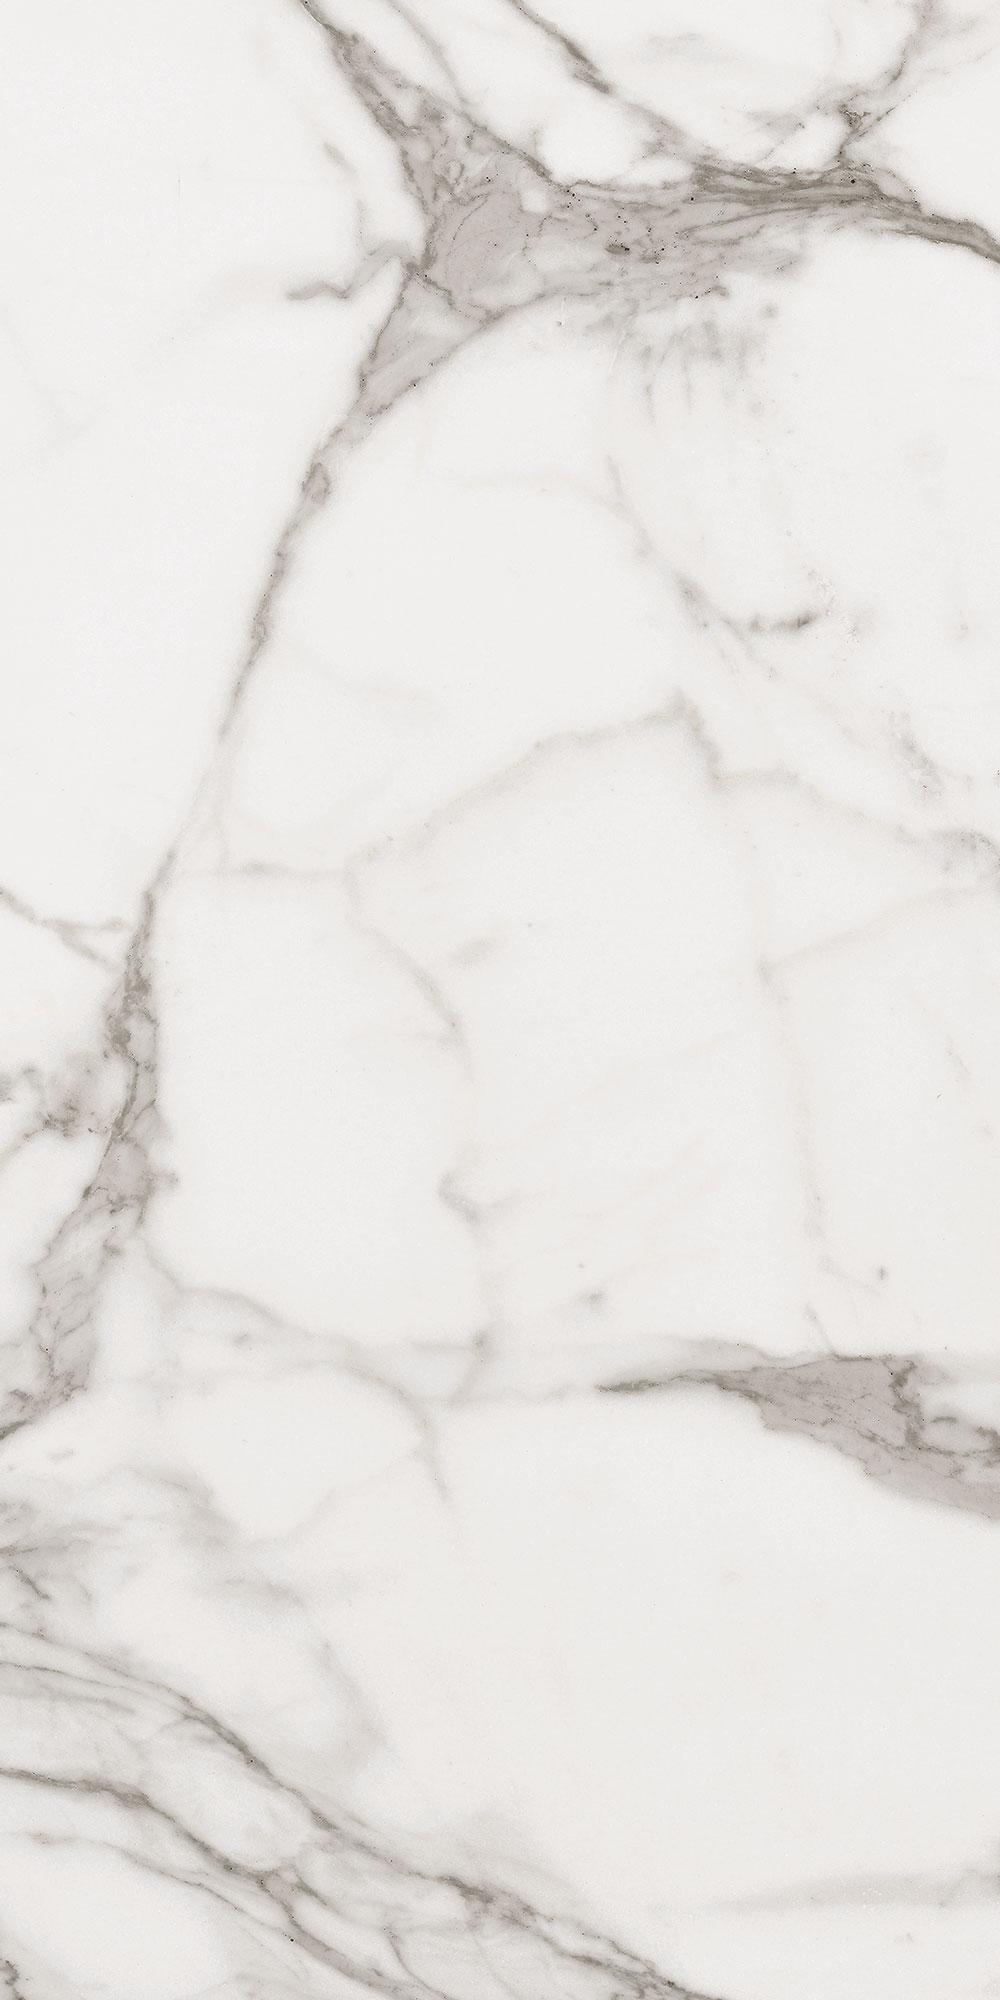 Cappella Matt 60x30 Carrara Marble Effect Tiles